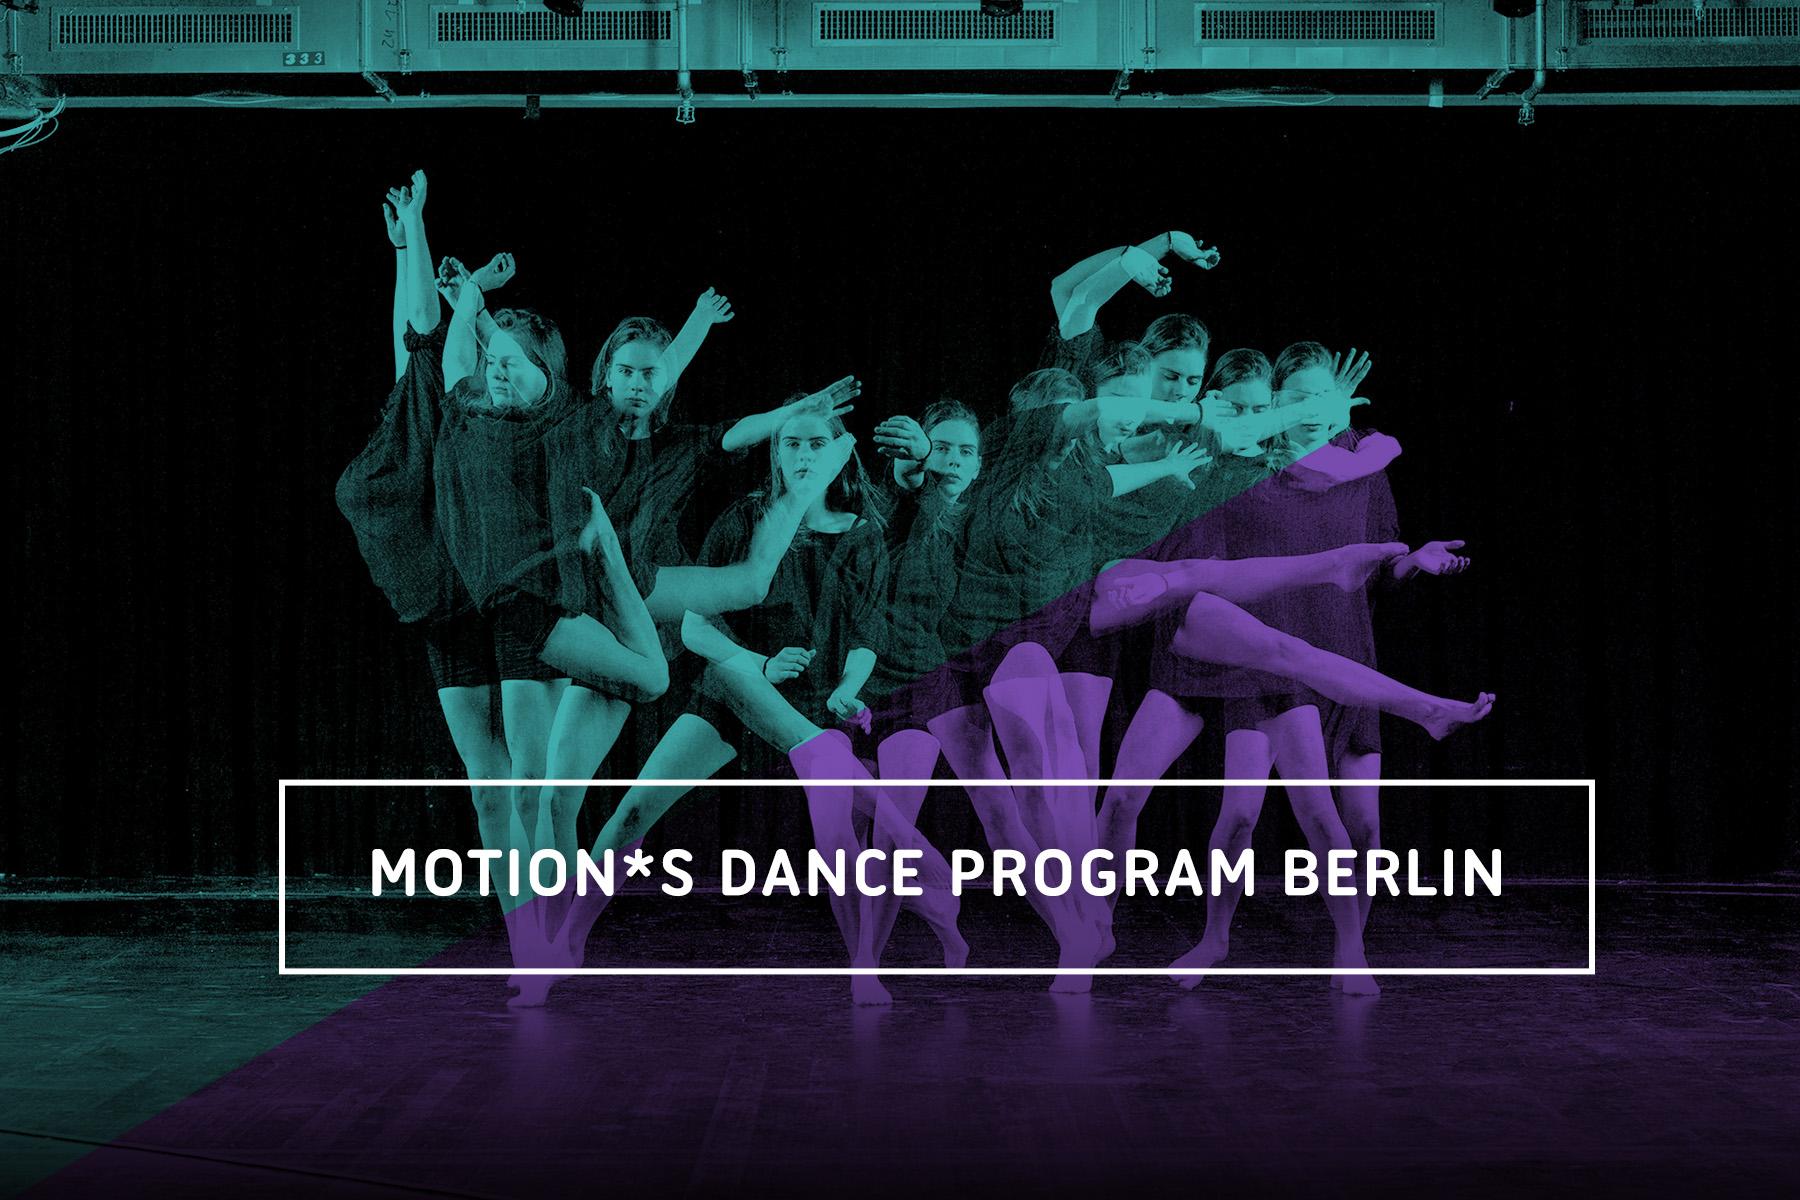 Zur Vorbereitung für einen beruflichen Ausbildungsweg im Bereich Tanz aber auch als vertiefenden und realitätsnahen Erfahrungsraum bietet das motion*s Tanz- und Bewegungsstudio ein neunmonatiges Intensiv-Programm an. Dabei gibt es unter anderem Unterricht in: Ballett, Contemporary, Urban Dance, Modern Technique, Gaga Technique, Gyrokinesis, Partnering und Contact, Yoga und Körperwahrnehmung.